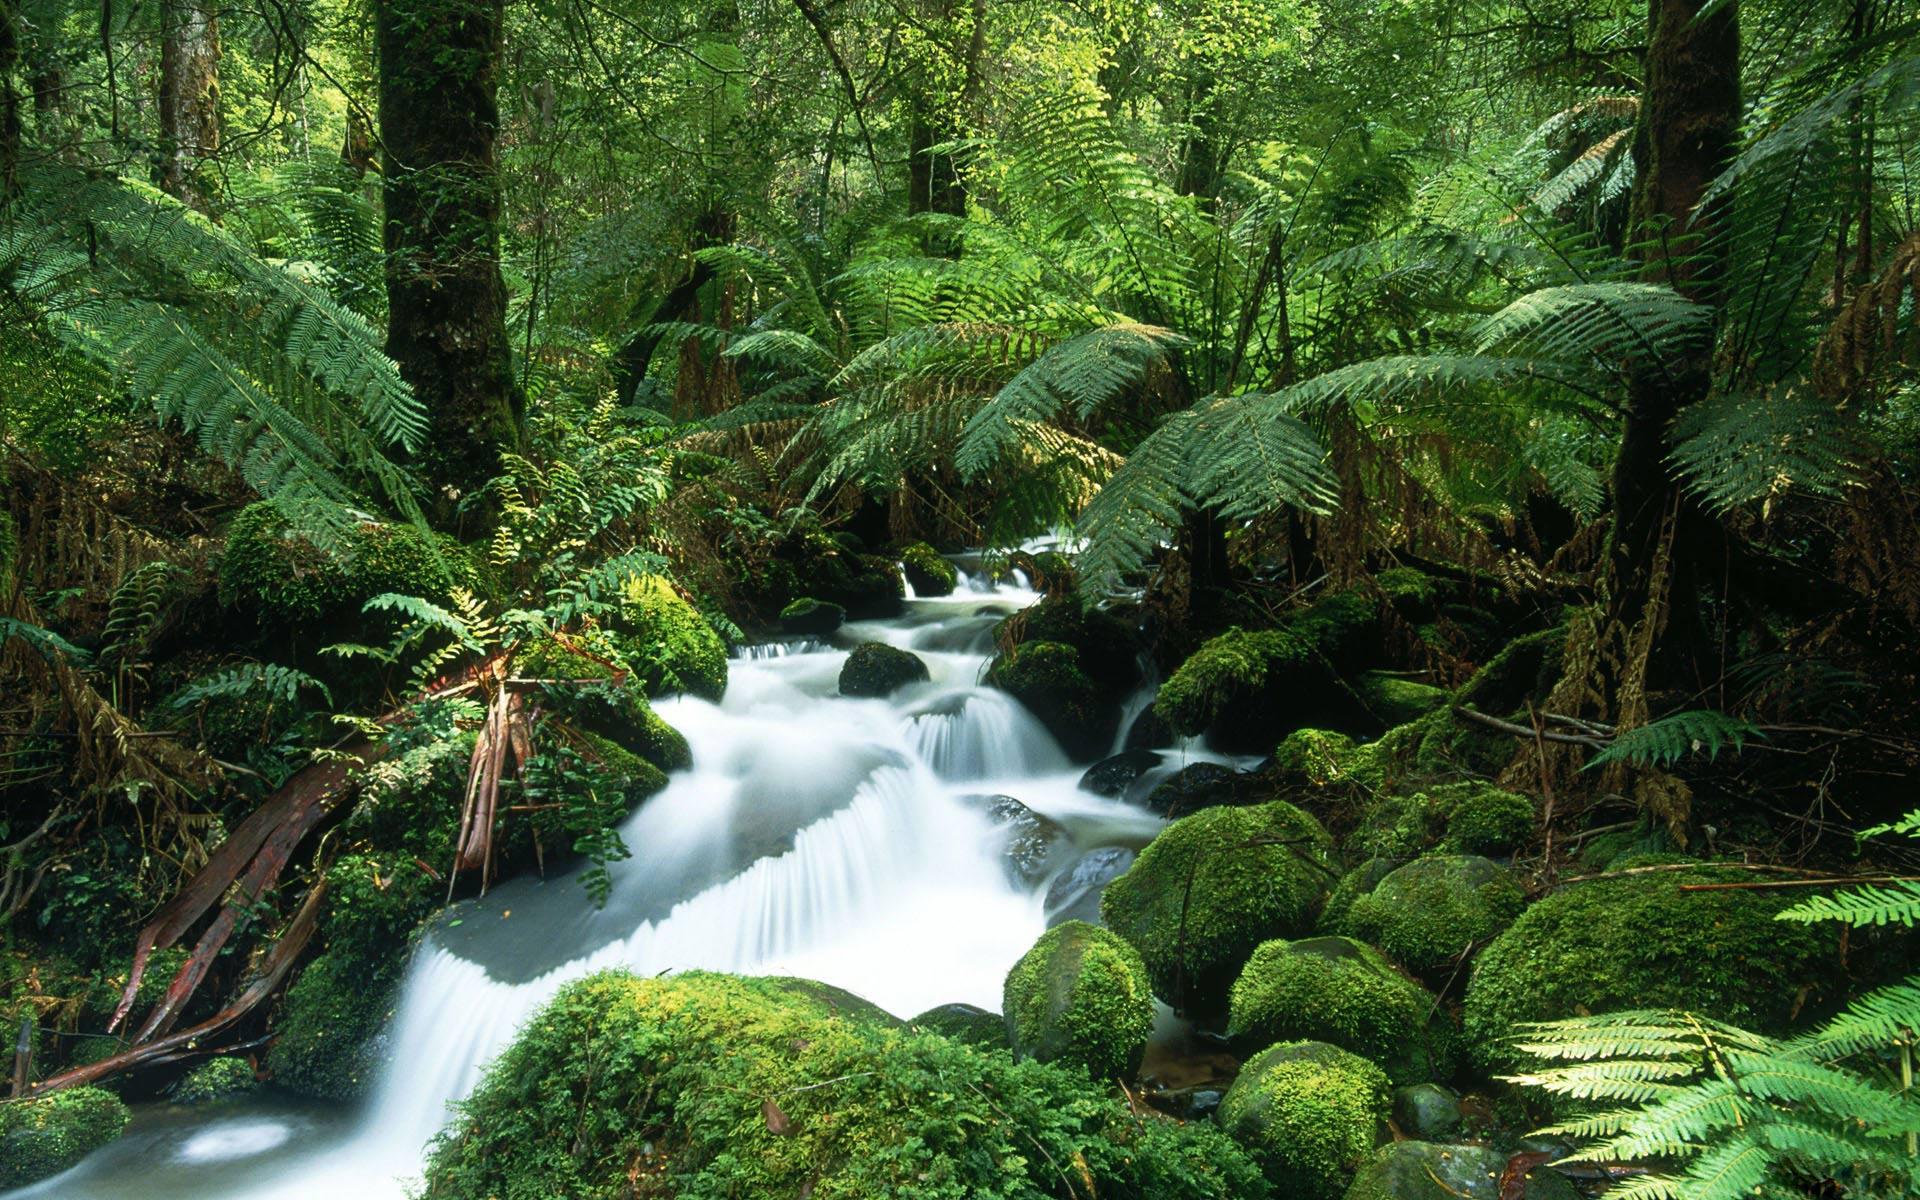 rainforest wallpaper beautiful